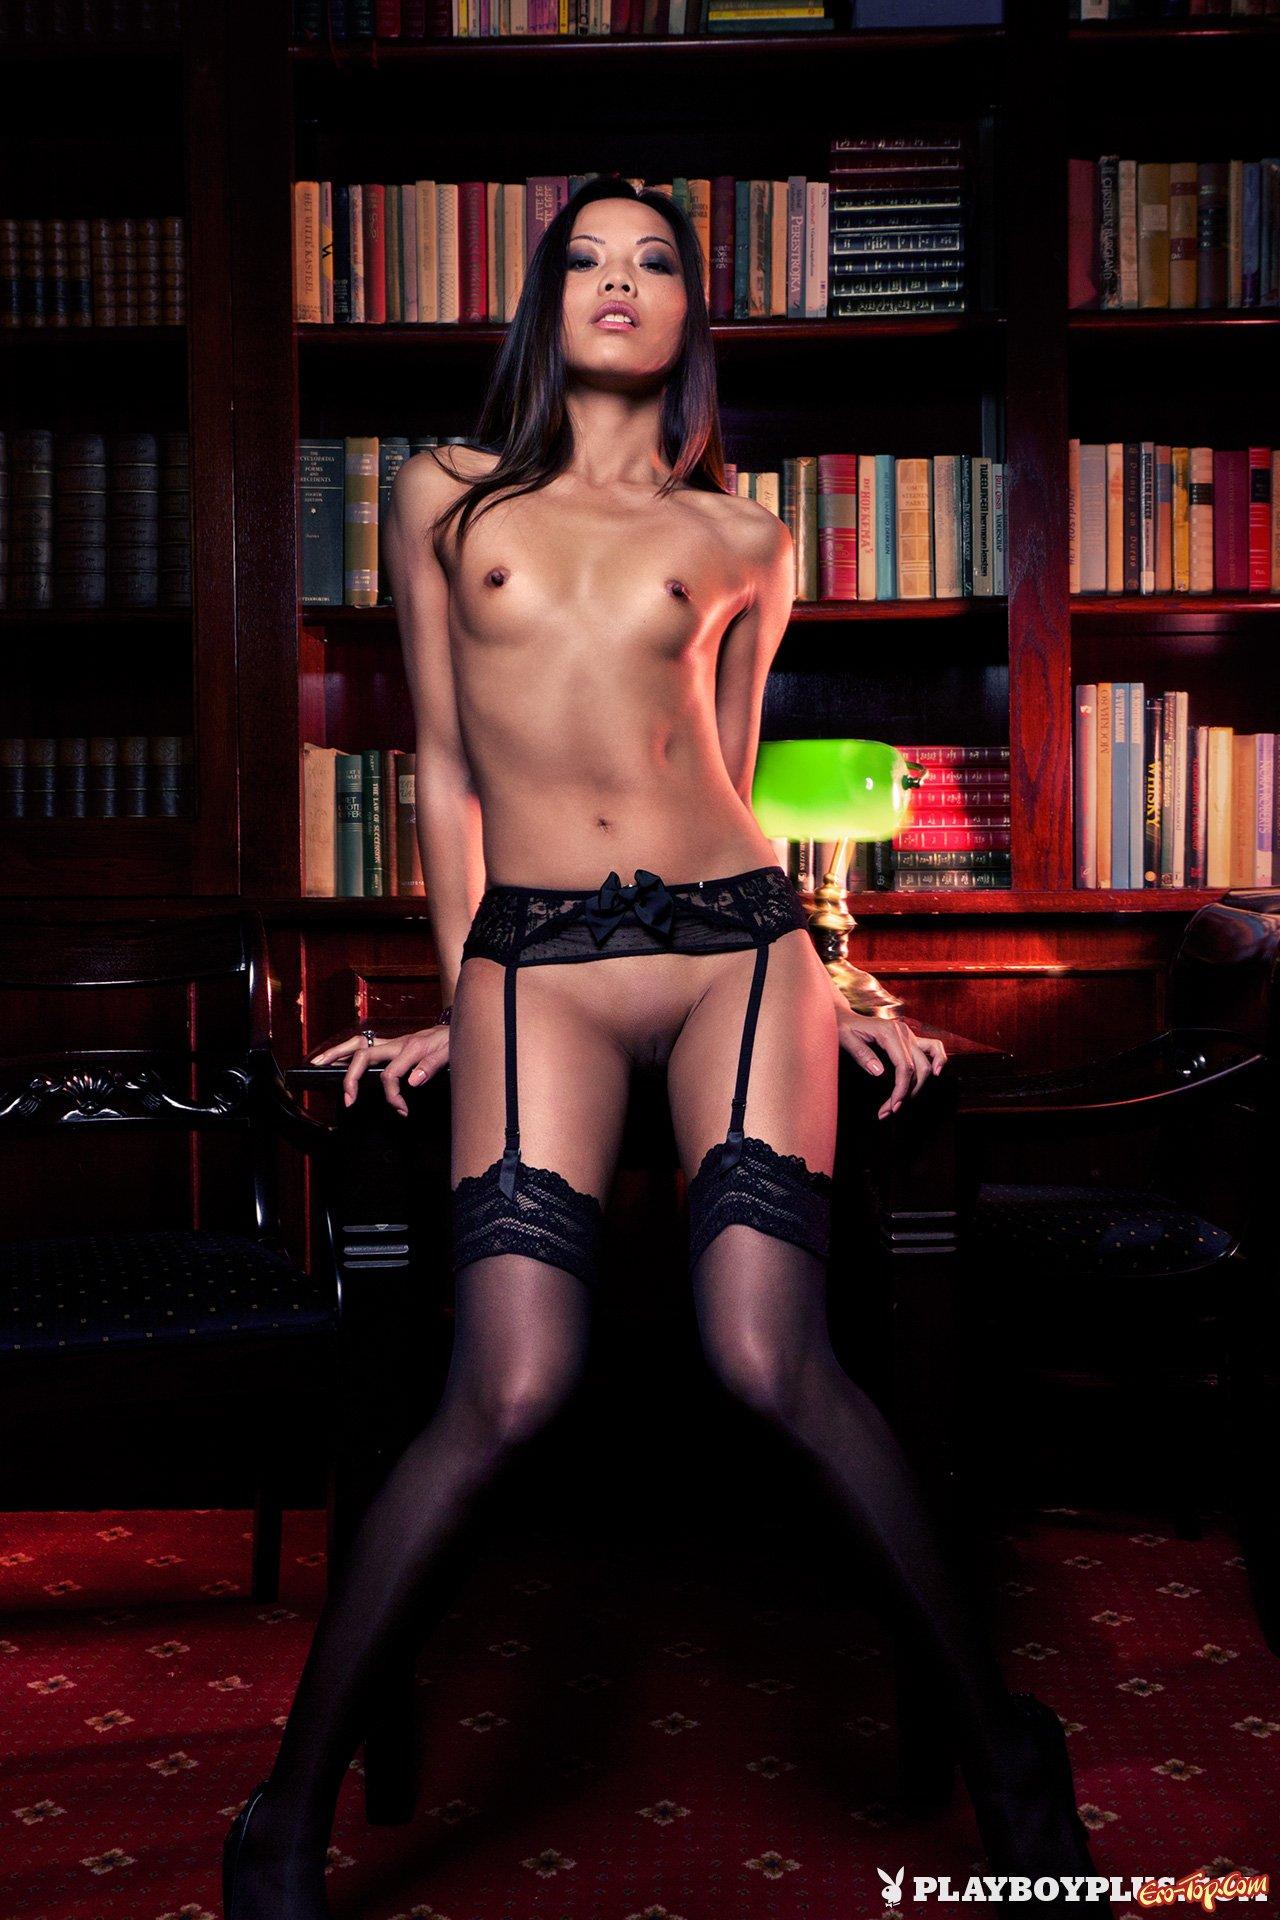 Азиатка в библиотеке